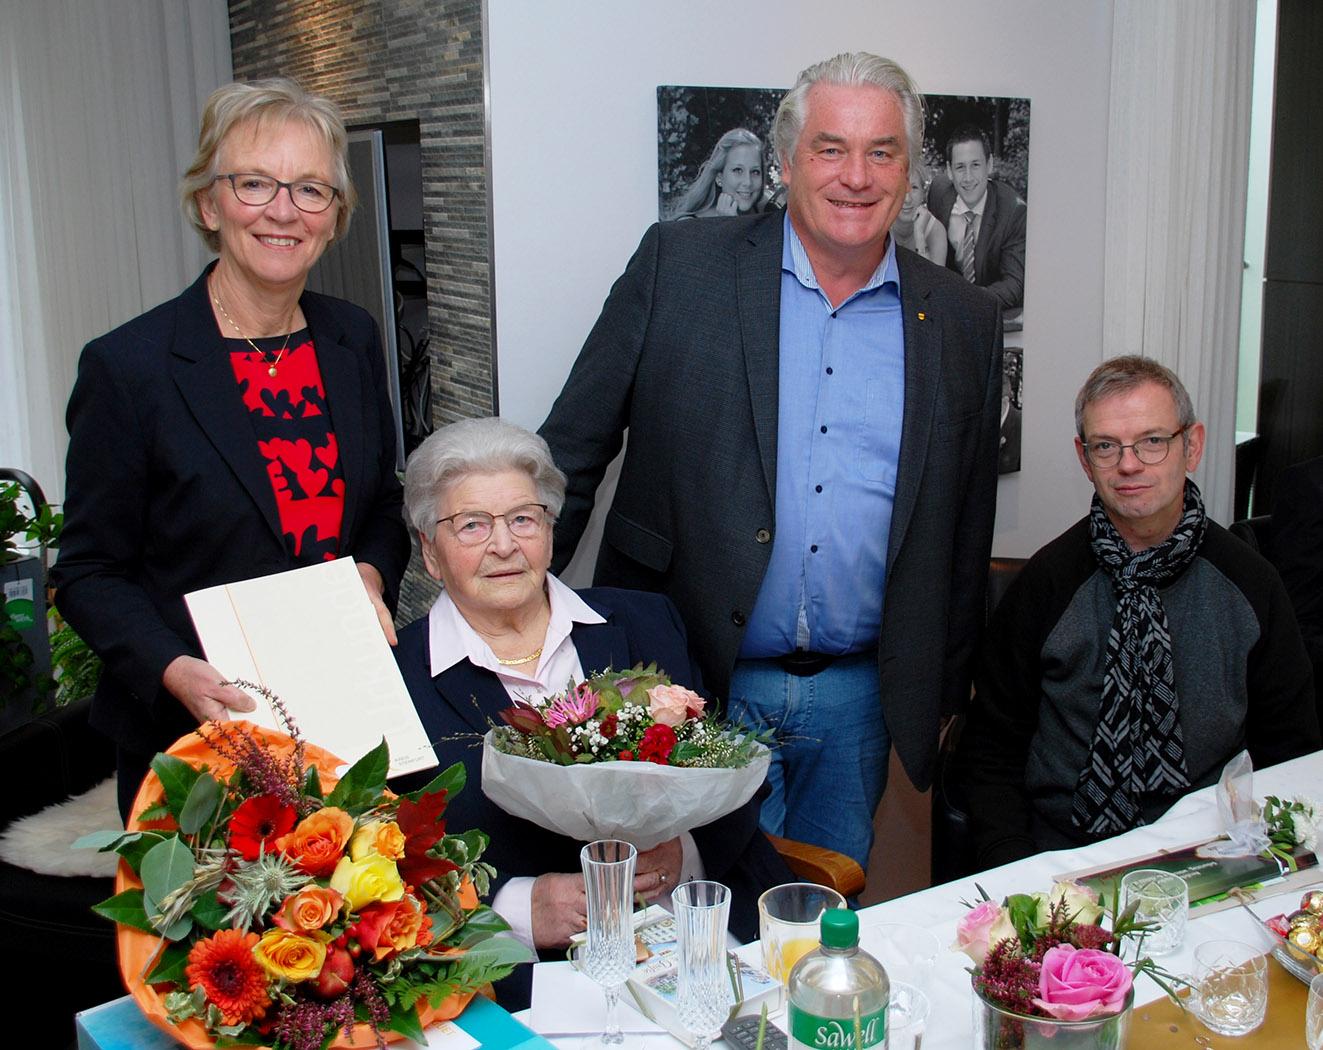 Drei der vielen Gratulanten für Pauls Kösters: erste Landratsstellvertreterin Gisela Köster, stellvertretender Bürgermeister Norbert Kahle und Pfarrer und Dechant Thomas Hüwe